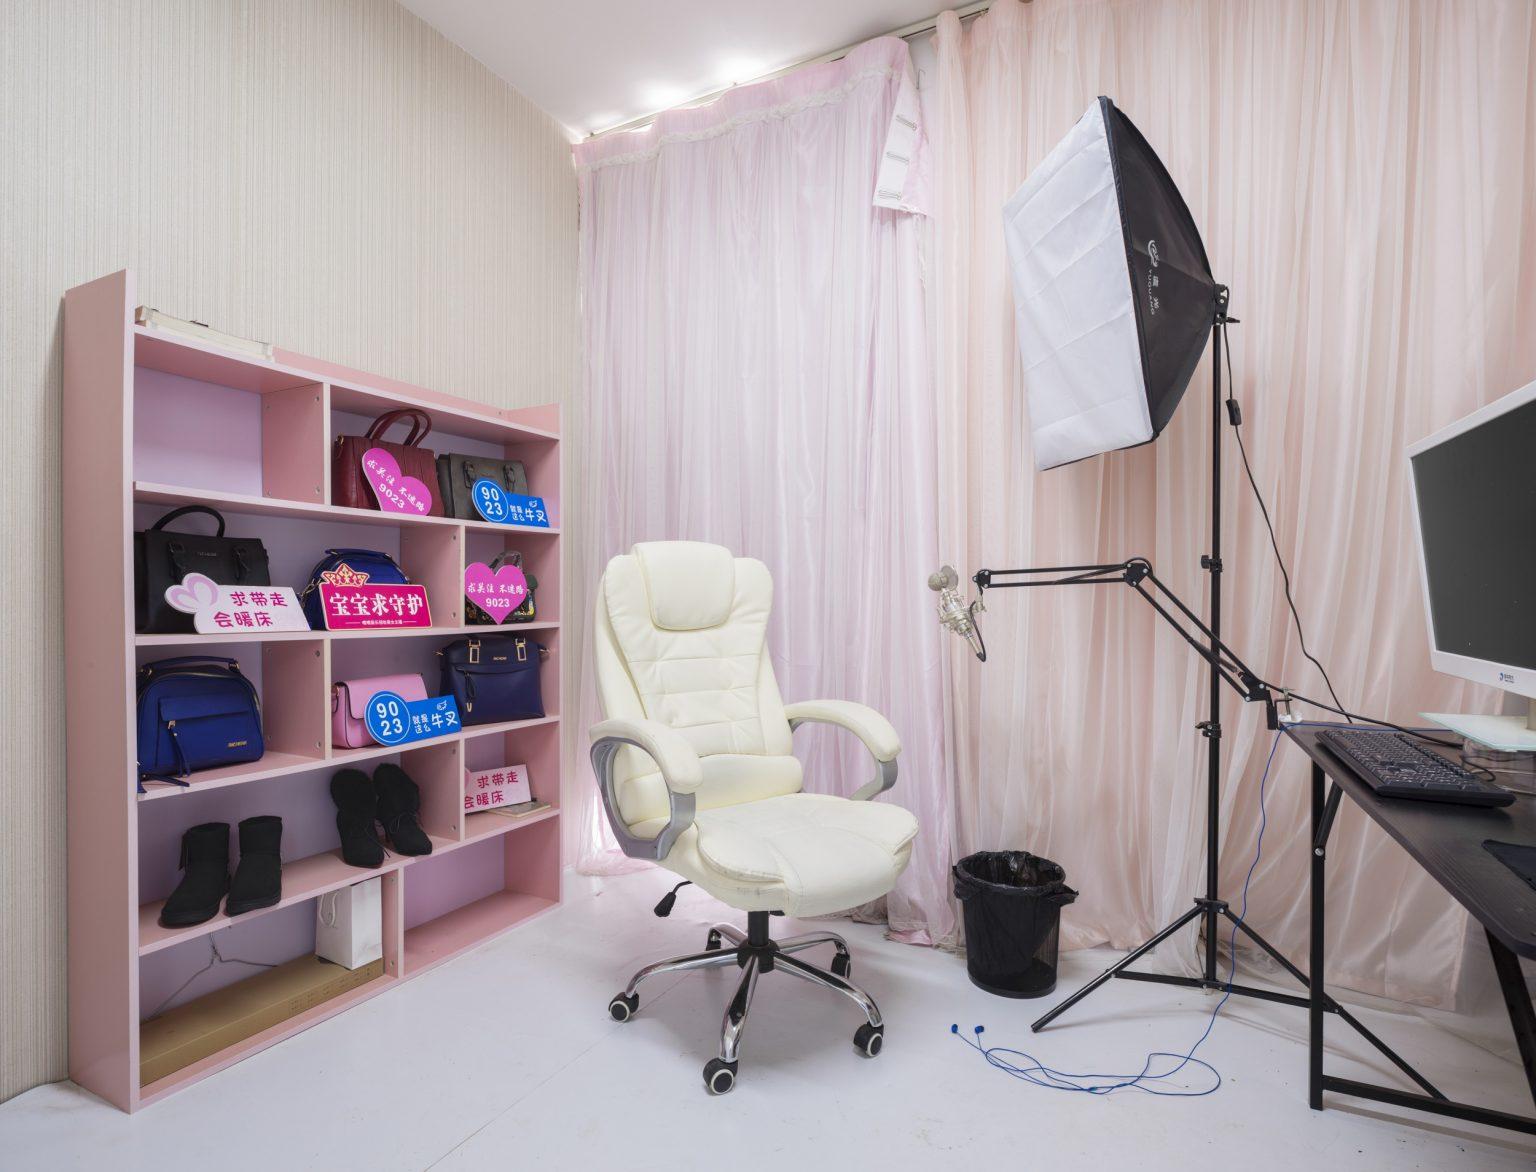 Cina, Pechino, Giugno 2017: una stanza per il live streaming promozionale di prodotti in vendita su Alibaba nello studio della Three Minutes TV. Three minutes TV è una agenzia di Wang Hong che rappresenta più di 2000 artisti. L'E-commerce live broadcasting è la sua attività principale, il che significa che i Wang Hong servono come promotori per i prodotti in vendita sulle piattaforme di E-commerce. Offre uno studio con 100 stanze per il live broadcasting per JD.com e 200 stanze per il live broadcasting per Taobao di Alibaba. Il suo volume di vendita nell' e-commerce ha raggiunto i 400.000.000 RMB nel 2016. L'azienda impiega Wang Hong online che lavorano dallo studio o da casa, e I Wang Hong Offline che vivono nei dormitori forniti da Three minutes TV. Tutti I Wang Hong lavorano almeno 6 ore al giorno e hanno 4 giorni liberi al mese. Il loro stipendio base è di 4000 RMB, con commissioni che variano dal 10% all'80%./ China, Beijing, June 2017: a room for the live broadcasting promotions of products sold on Alibaba.  Three minutes TV is an Internet celebrities agent company that has more than 2,000 contracted Wang Hong. E-commerce live broadcasting is its main feature, which means the broadcasters serve as promoters for products on E-commerce platforms. It has 100 broadcasting rooms for JD.com and 200 rooms for Alibaba's Taobao. Its E-commerce sales volume in 2016 approached 400,000,000 RMB.  The company uses online broadcasters working from the company's studios and from home and offline broadcasters. The offline ones lives in the dorms provided by three minutes TV. Every kind of Wang Hong works at least 6 hours per day, and has 4 days off per month. Their basic salary is 4000 RMB, with commissions vary from 10% to 80%.*Stitched photograph*